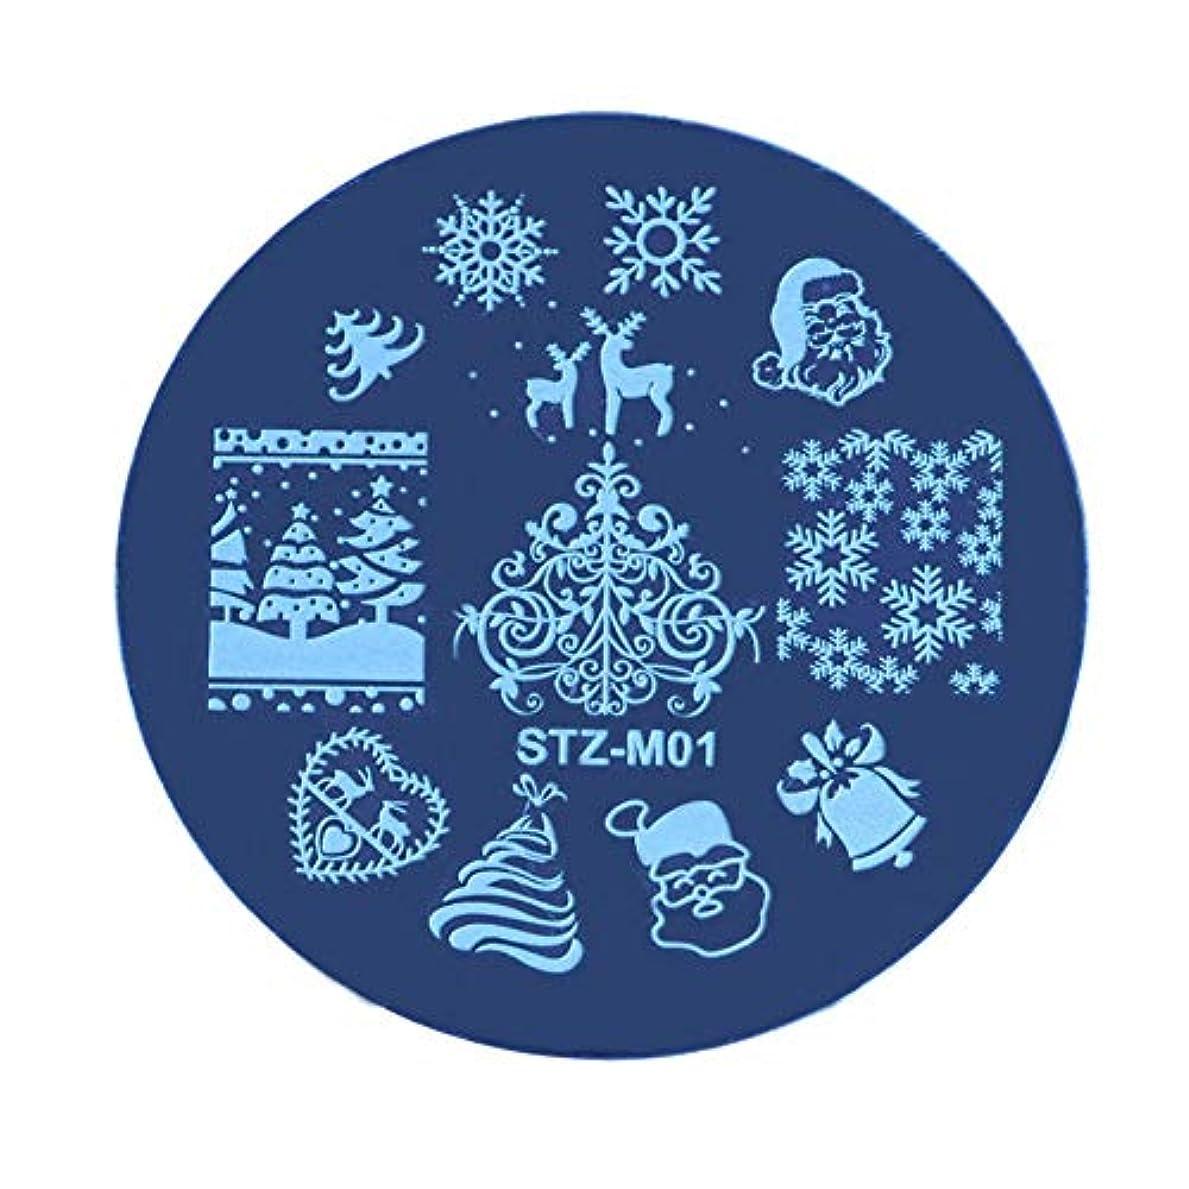 統計的合唱団シンプルなLucoss クリスマスネイルステッカー、クリスマススチールプレートステッカー、DIYネイルアートオーナメント、ネイルアートアクセサリー